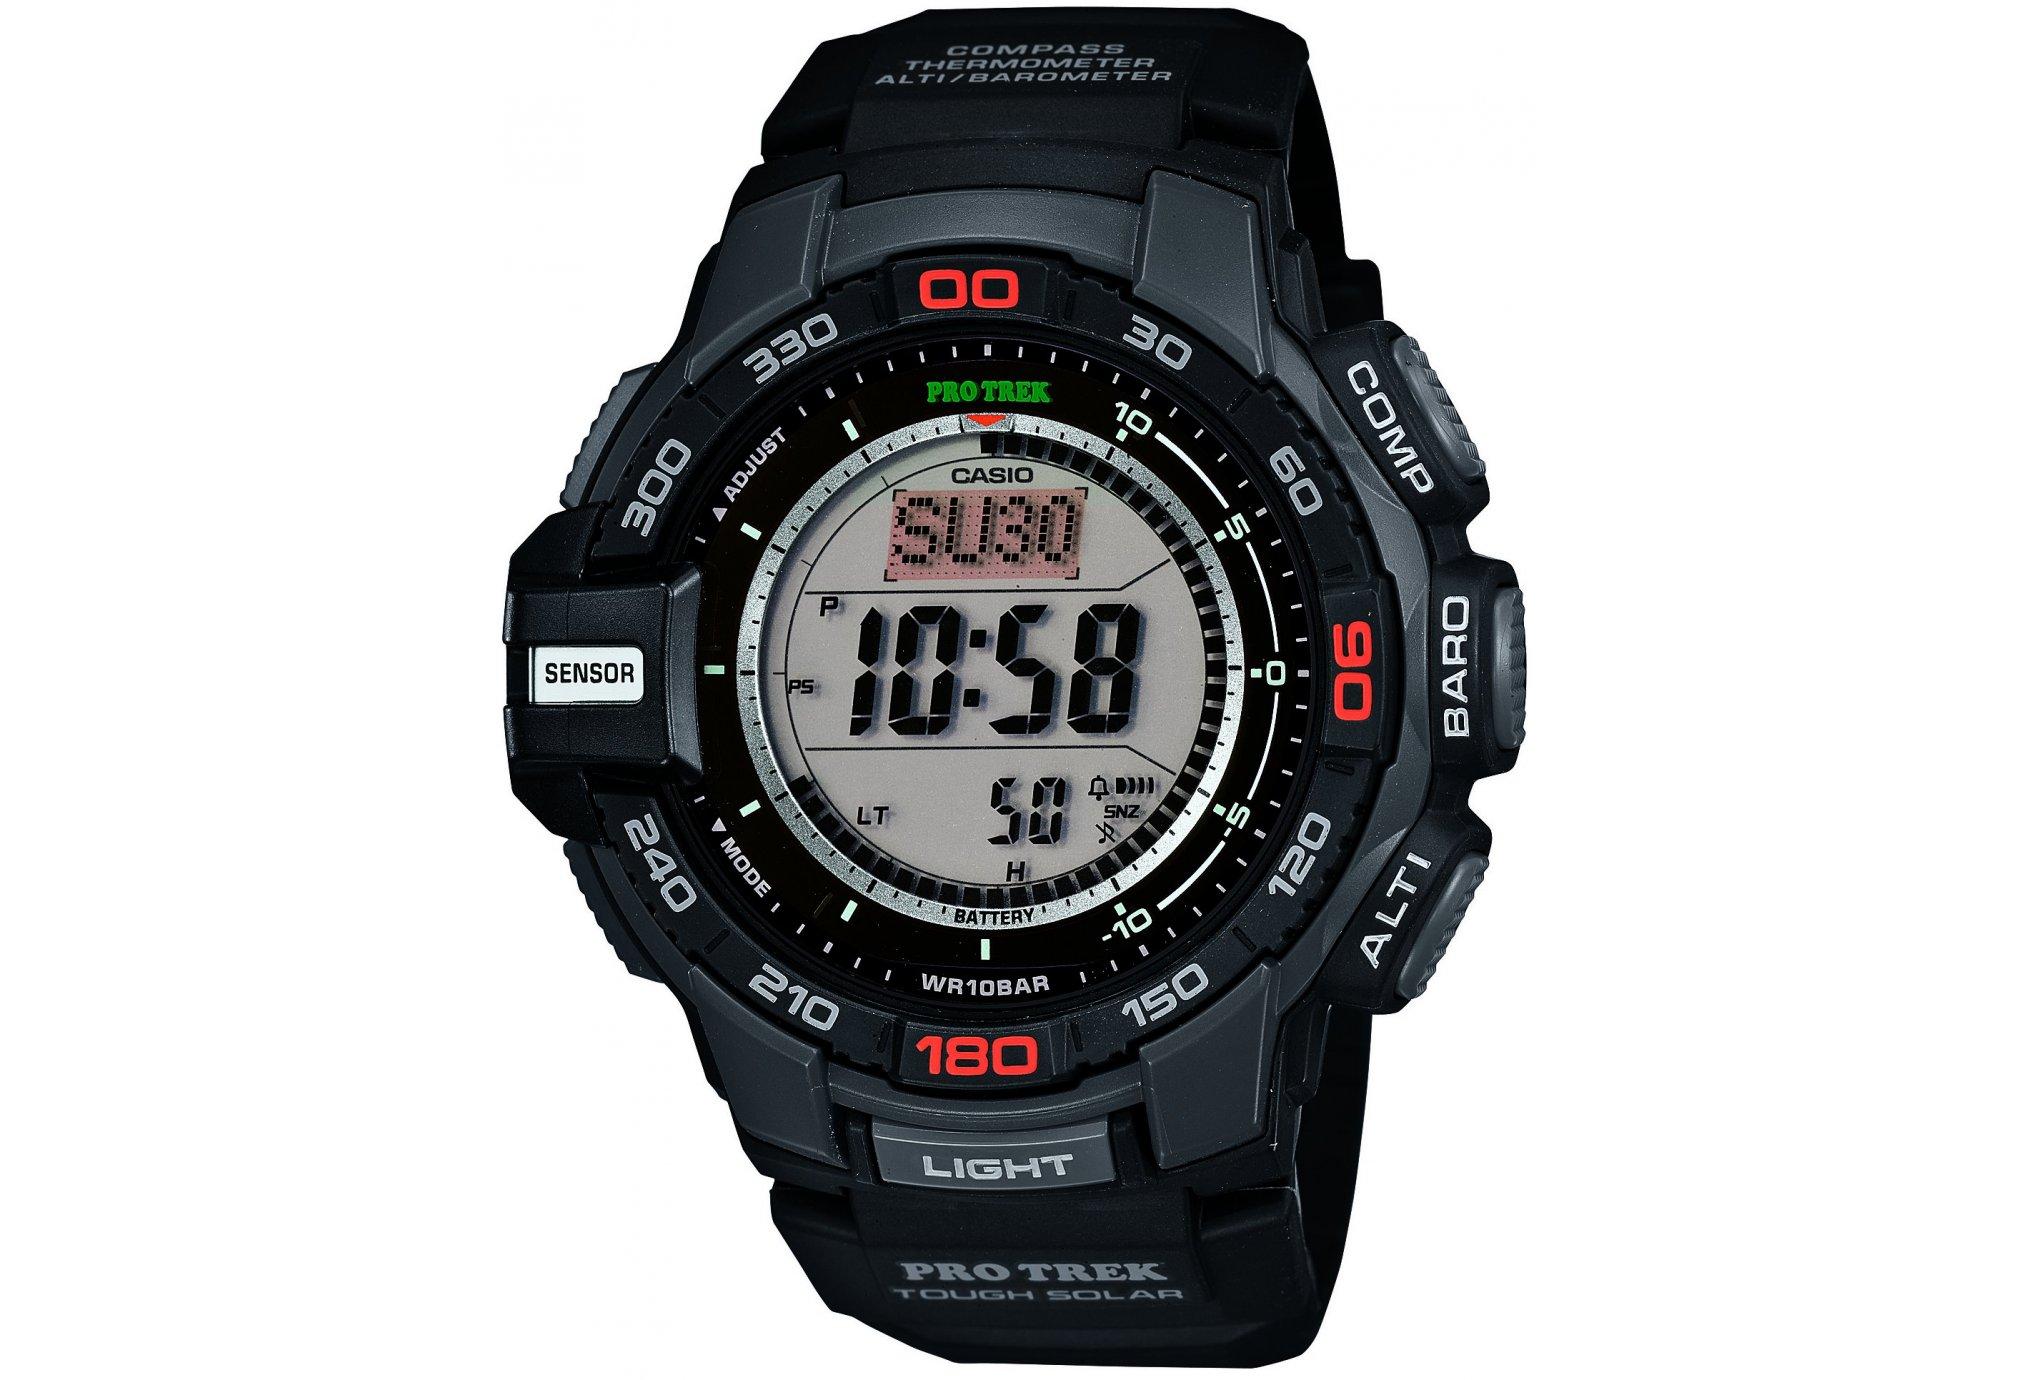 Casio Pro trek prg-270 montres de sport